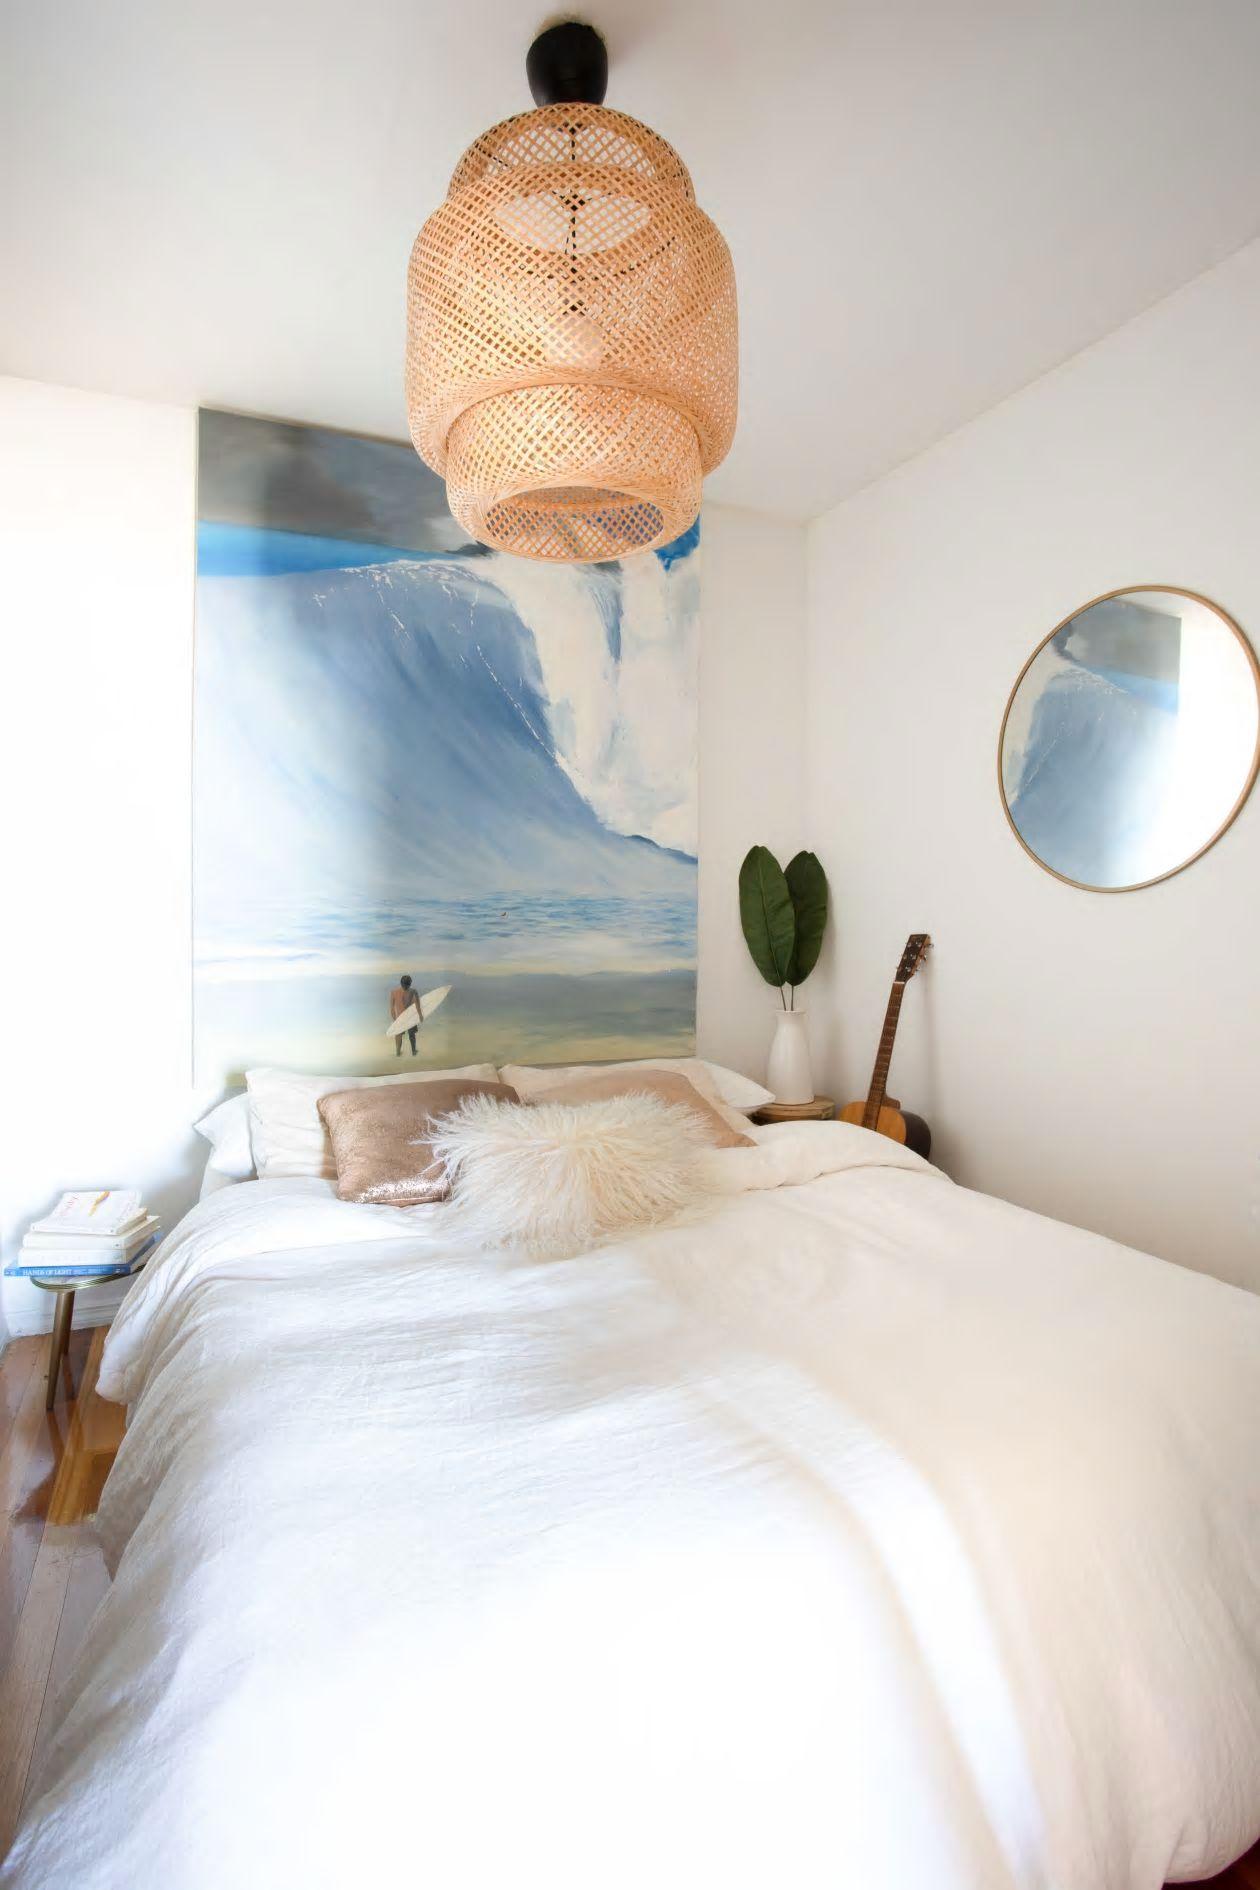 Căn hộ nhỏ 37m2 ở Brooklyn sử dụng những màu sắc đáng kinh ngạc trong trang trí nội thất - Ảnh 4.